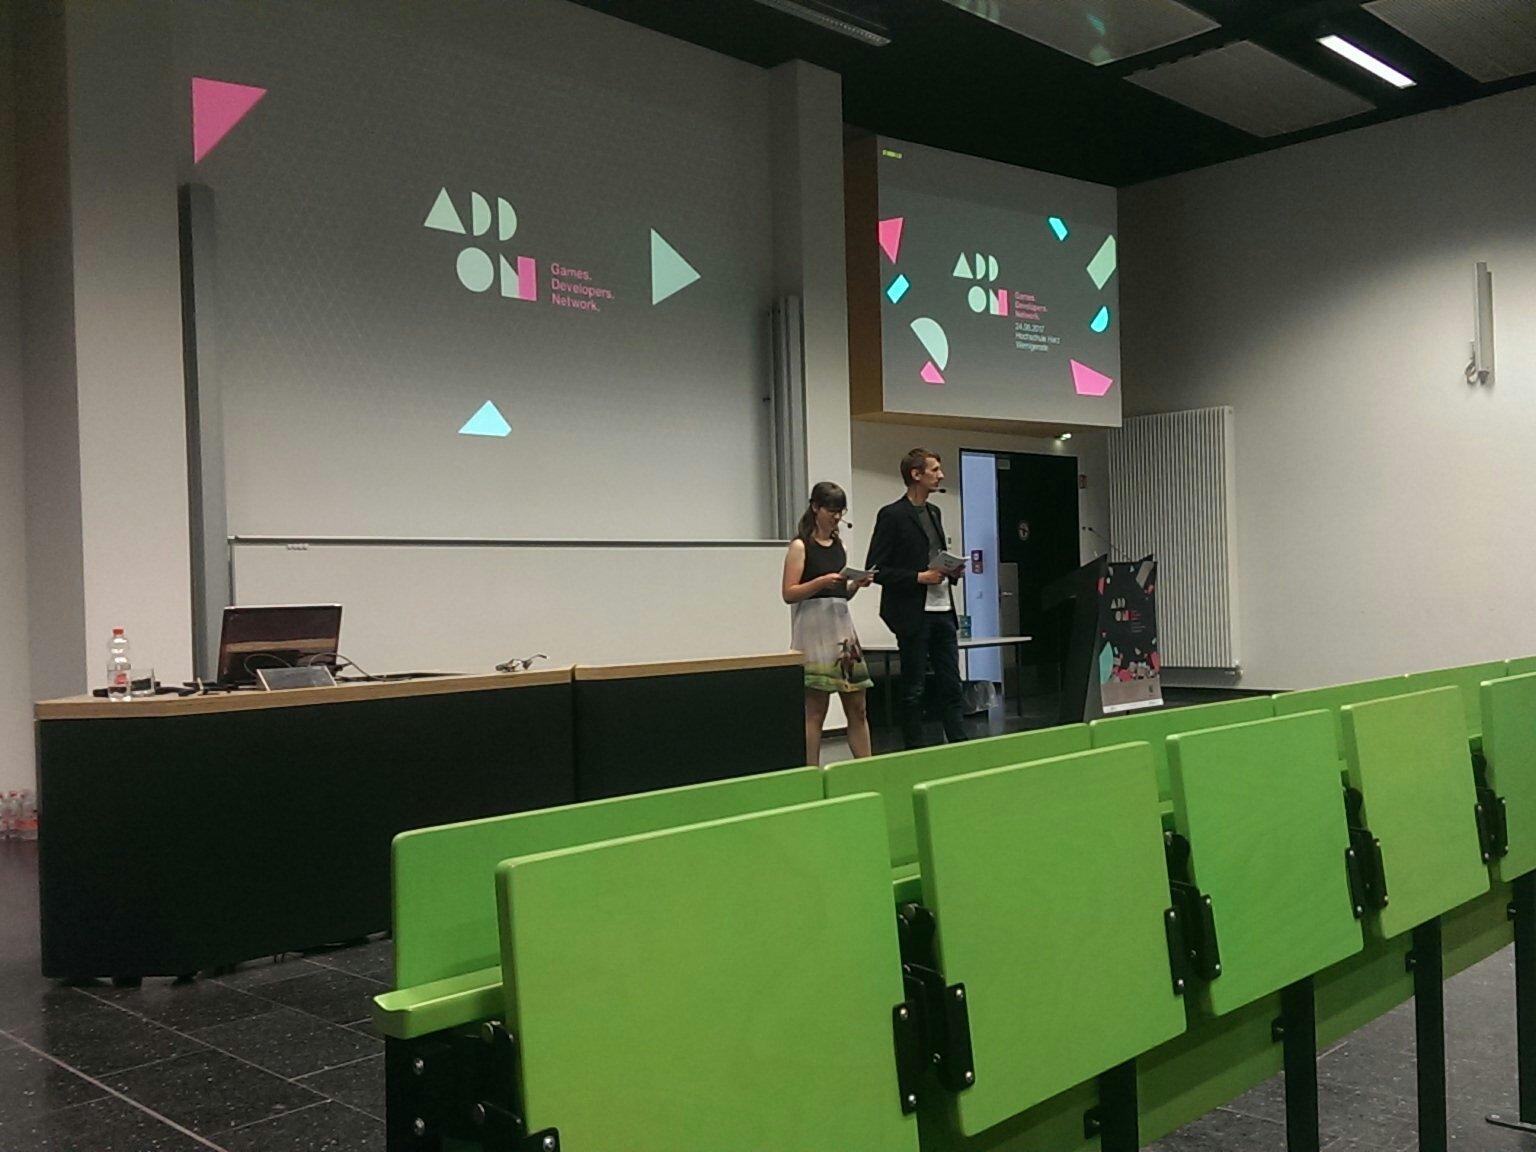 Es geht los! Die erste #ADD_ON an der @HS_Harz ist eröffnet. Erster Speaker wird Peter Holzapfel sein! #gamedev #firsttime #LetsGo https://t.co/Kbj2Q3tHeU